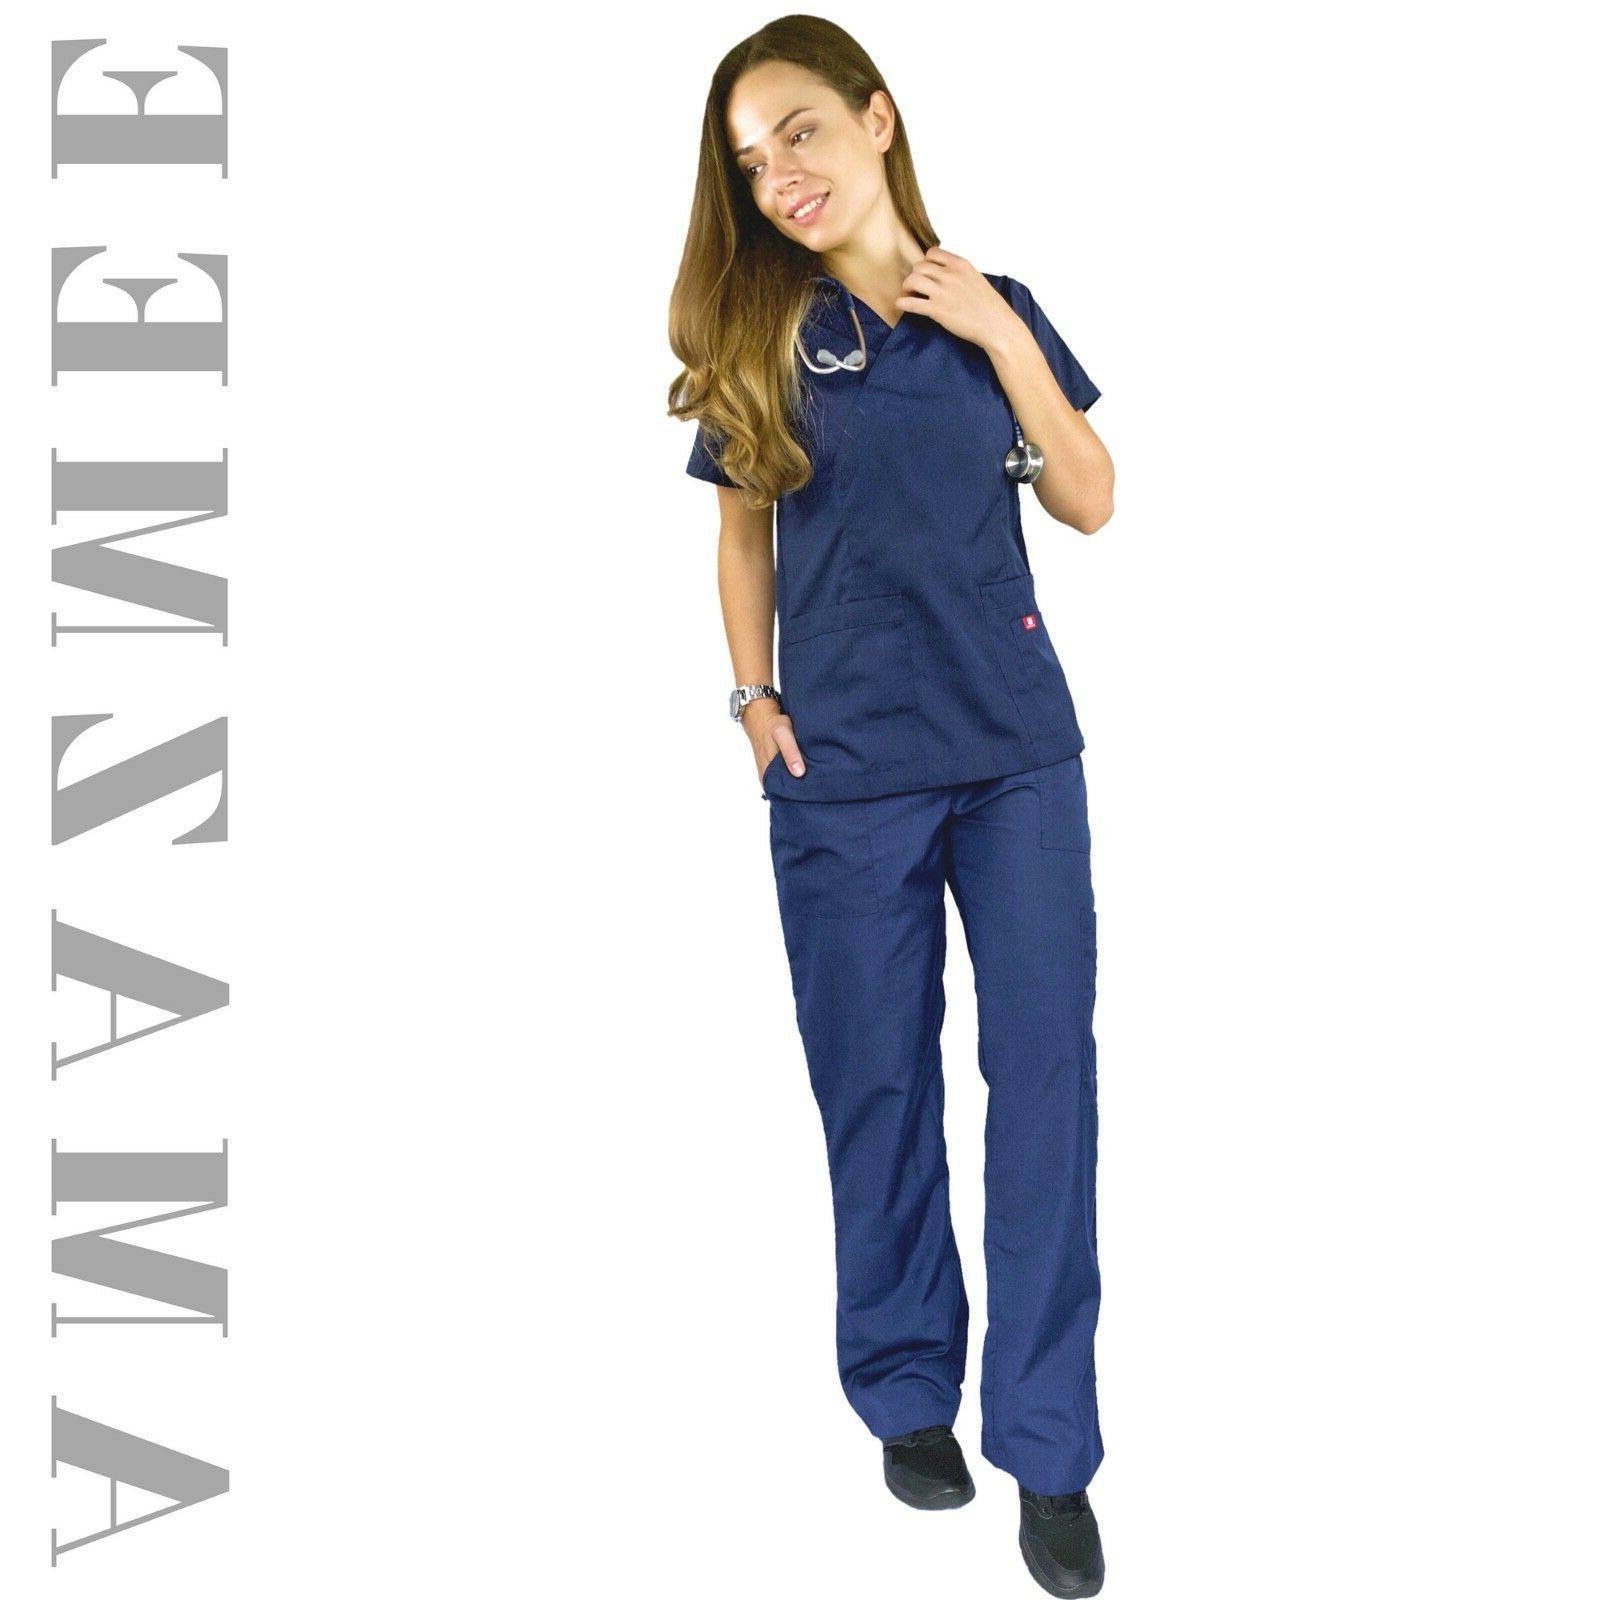 Women's Medical Set V-neck with Pockets